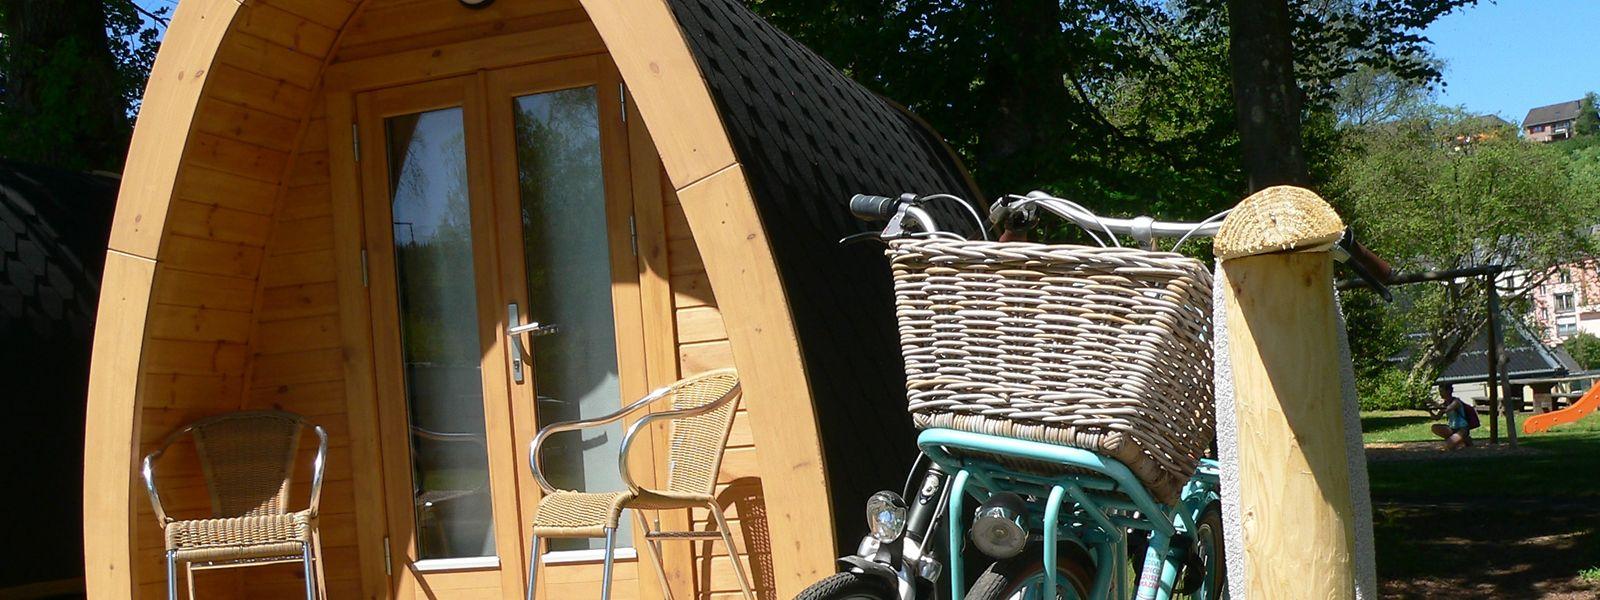 Le camping de Troisvierges: les hébergements originaux et surtout, qui permettent d'abriter mieux qu'une simple tente, sont prisés des touristes.